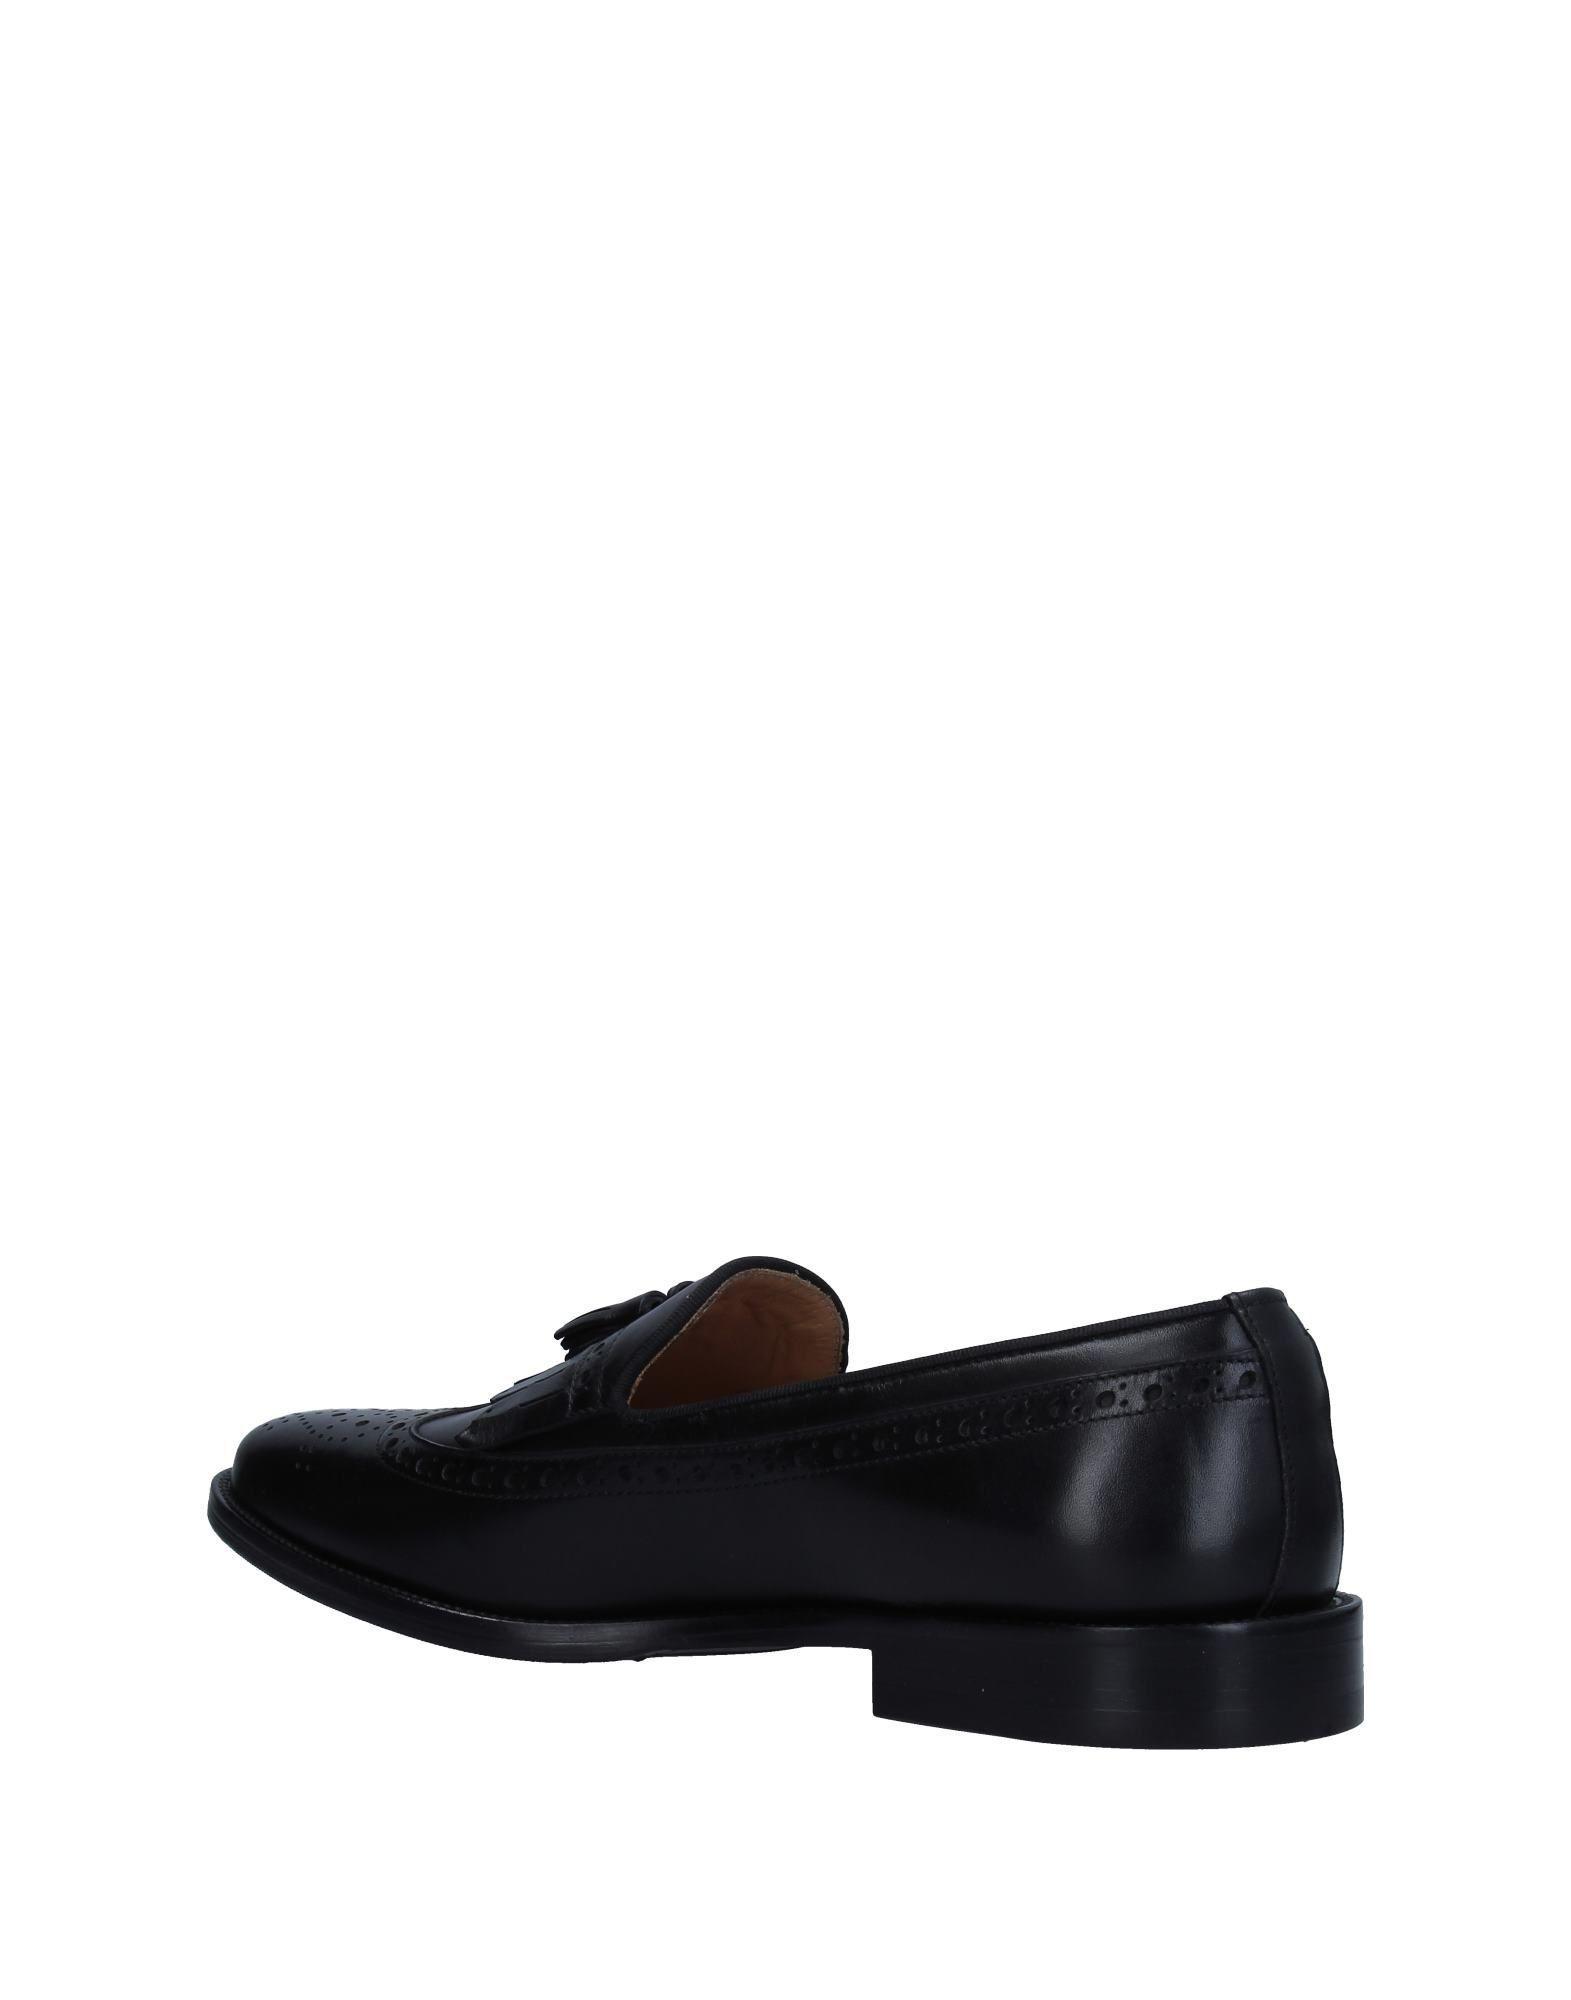 Belsire Leather Loafer in Black for Men